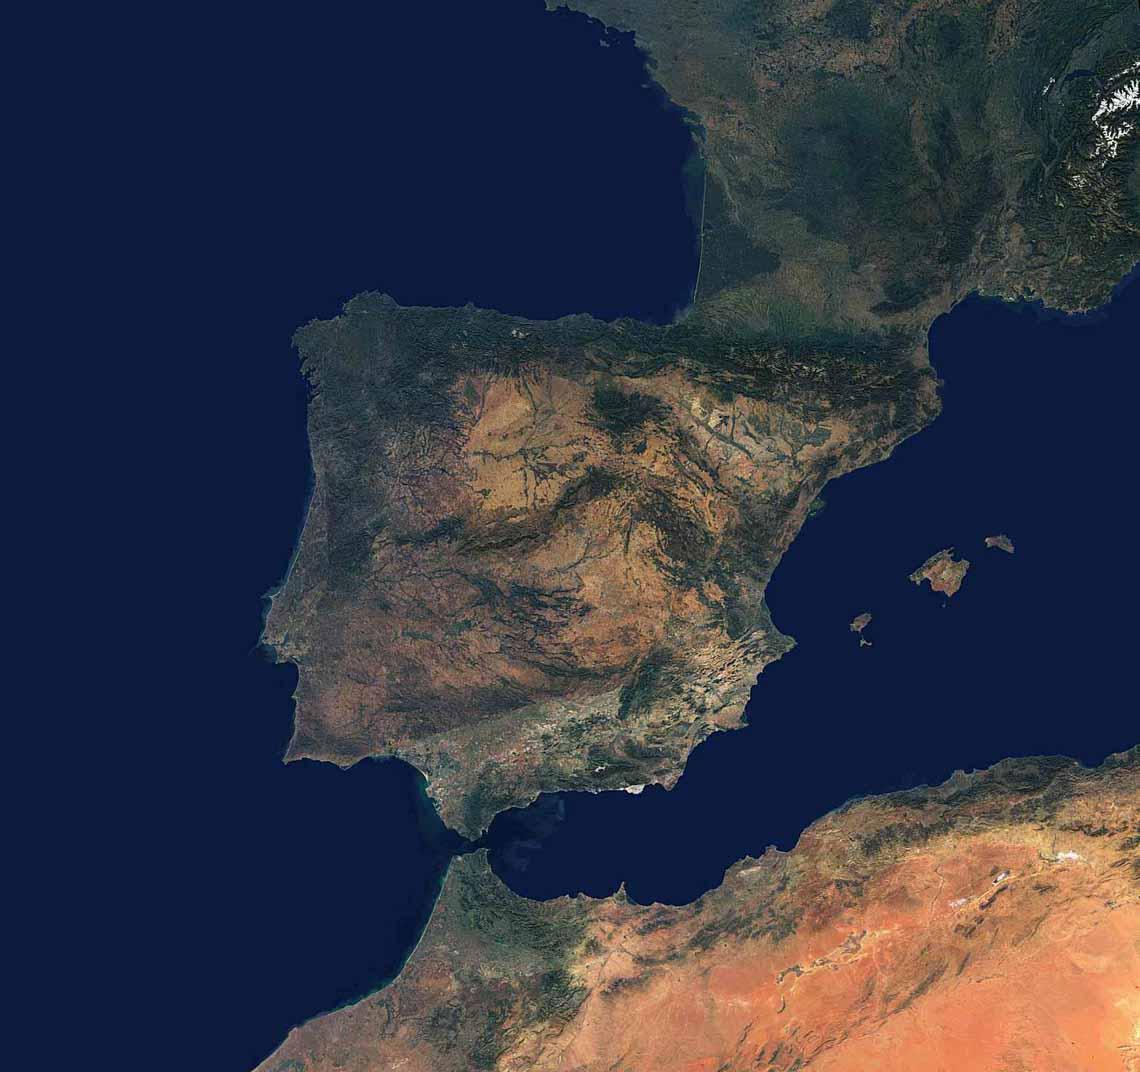 Tổng hợp những bức ảnh kinh ngạc về Trái Đất dưới góc nhìn ngoài không gian -17